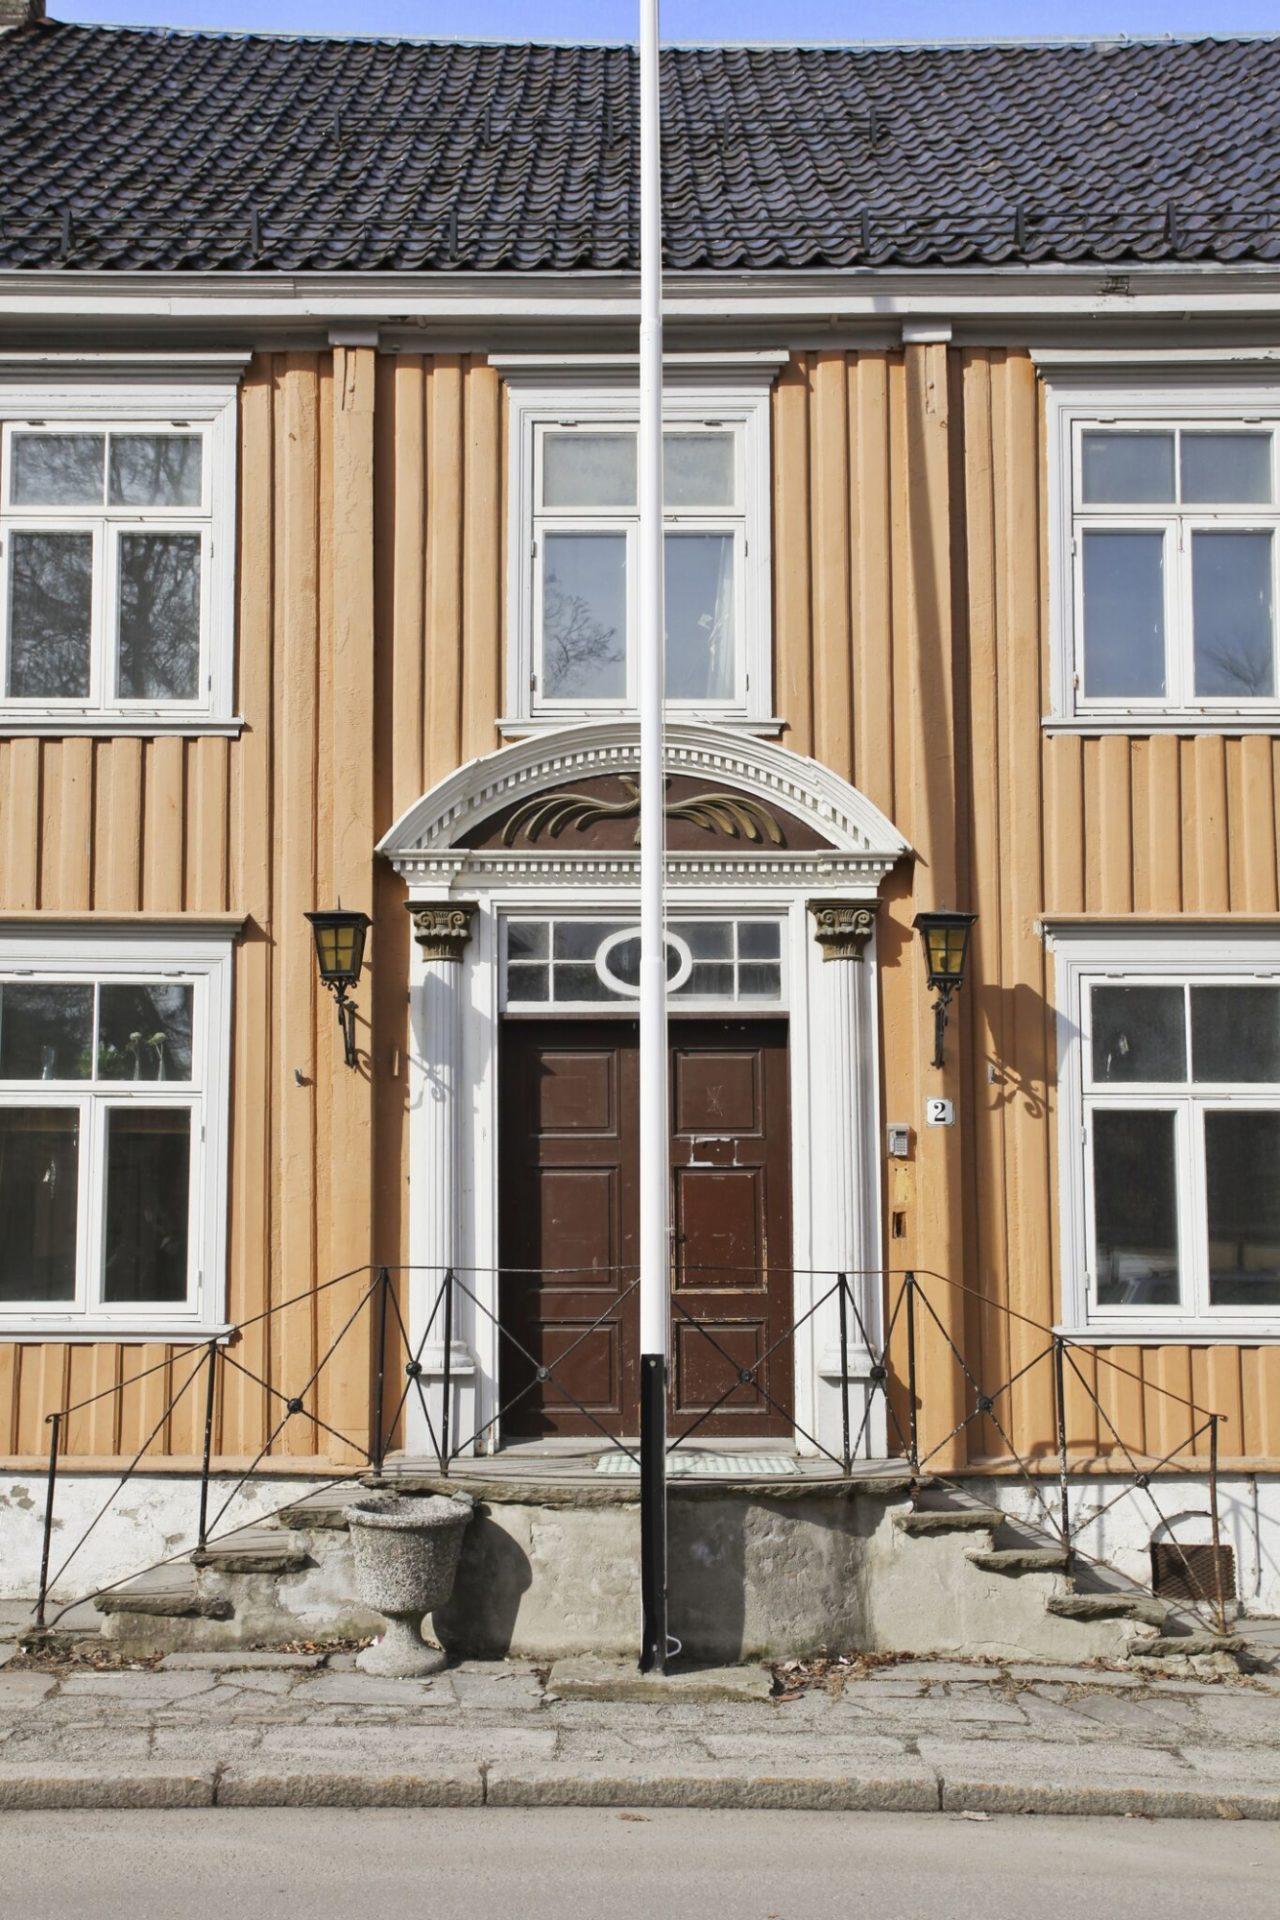 Kalvskinnsgata 2 - Fasade 1